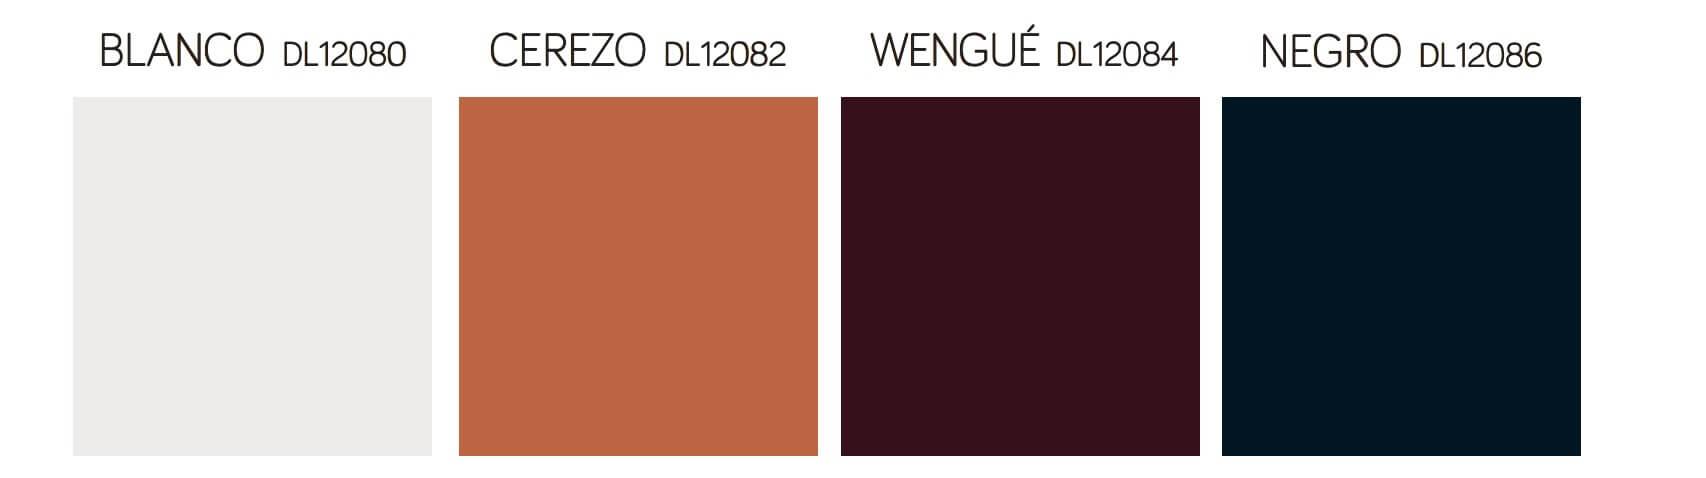 colores bases tapizada divanlin